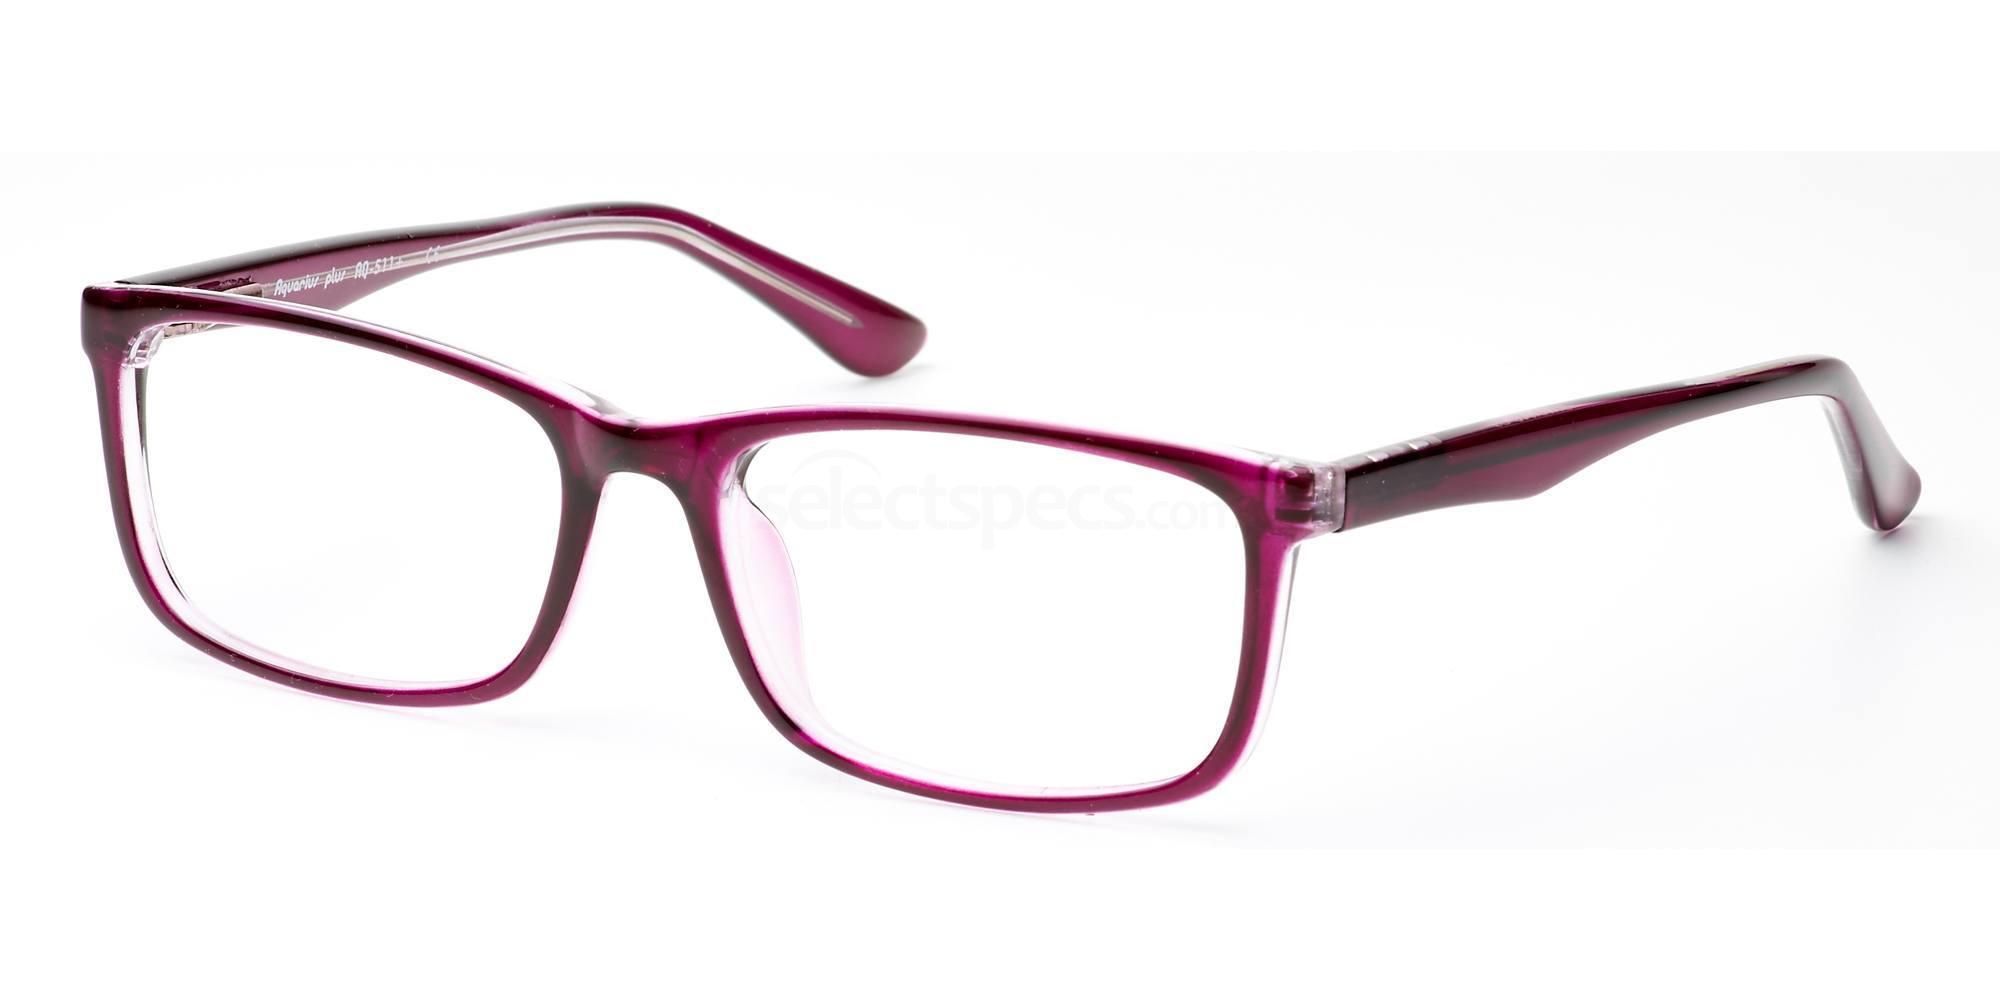 C3 AQ+511 Glasses, Aquarius+